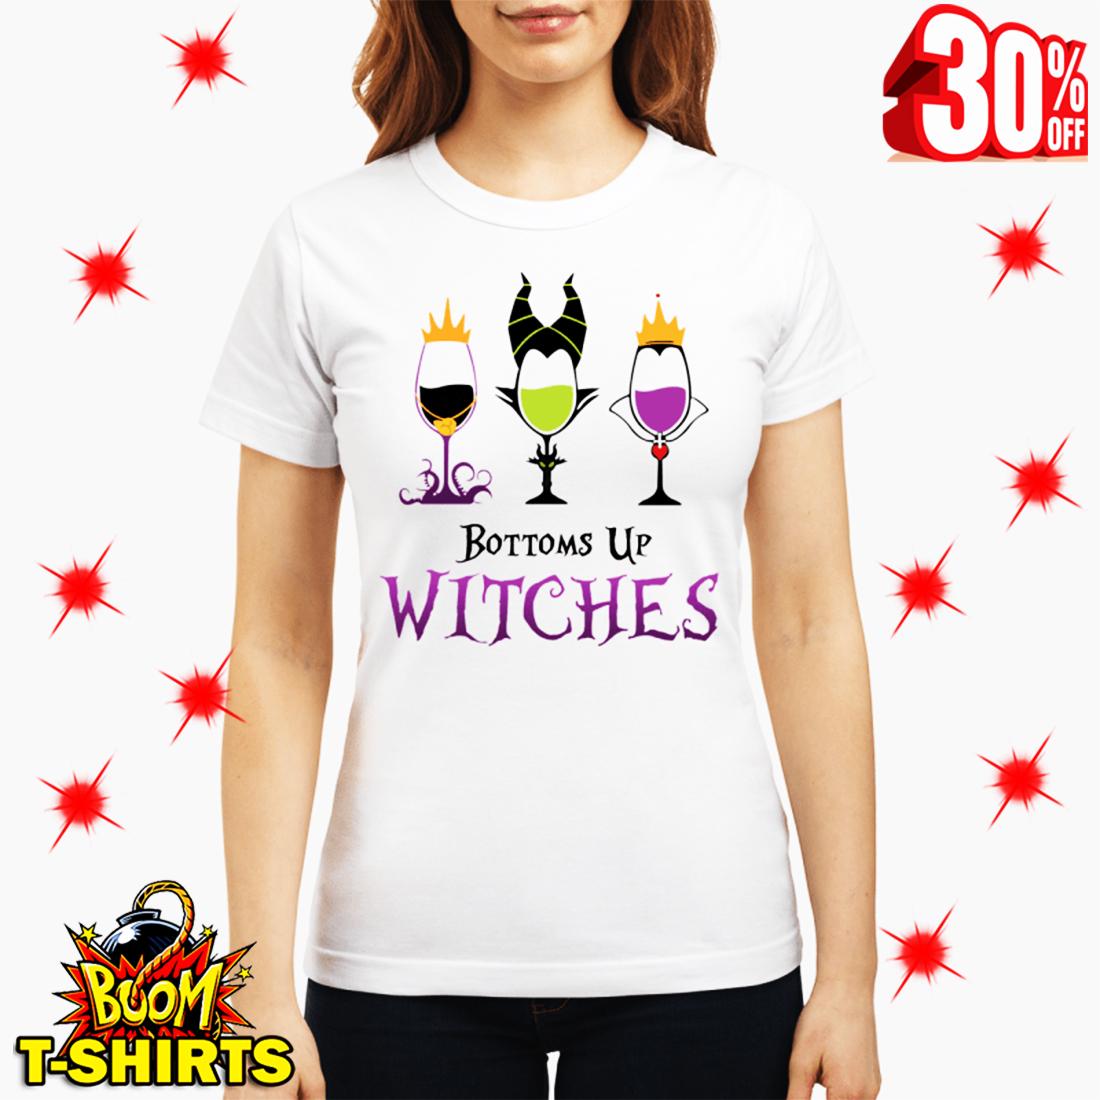 Disney Villains Bottoms Up Witches shirt